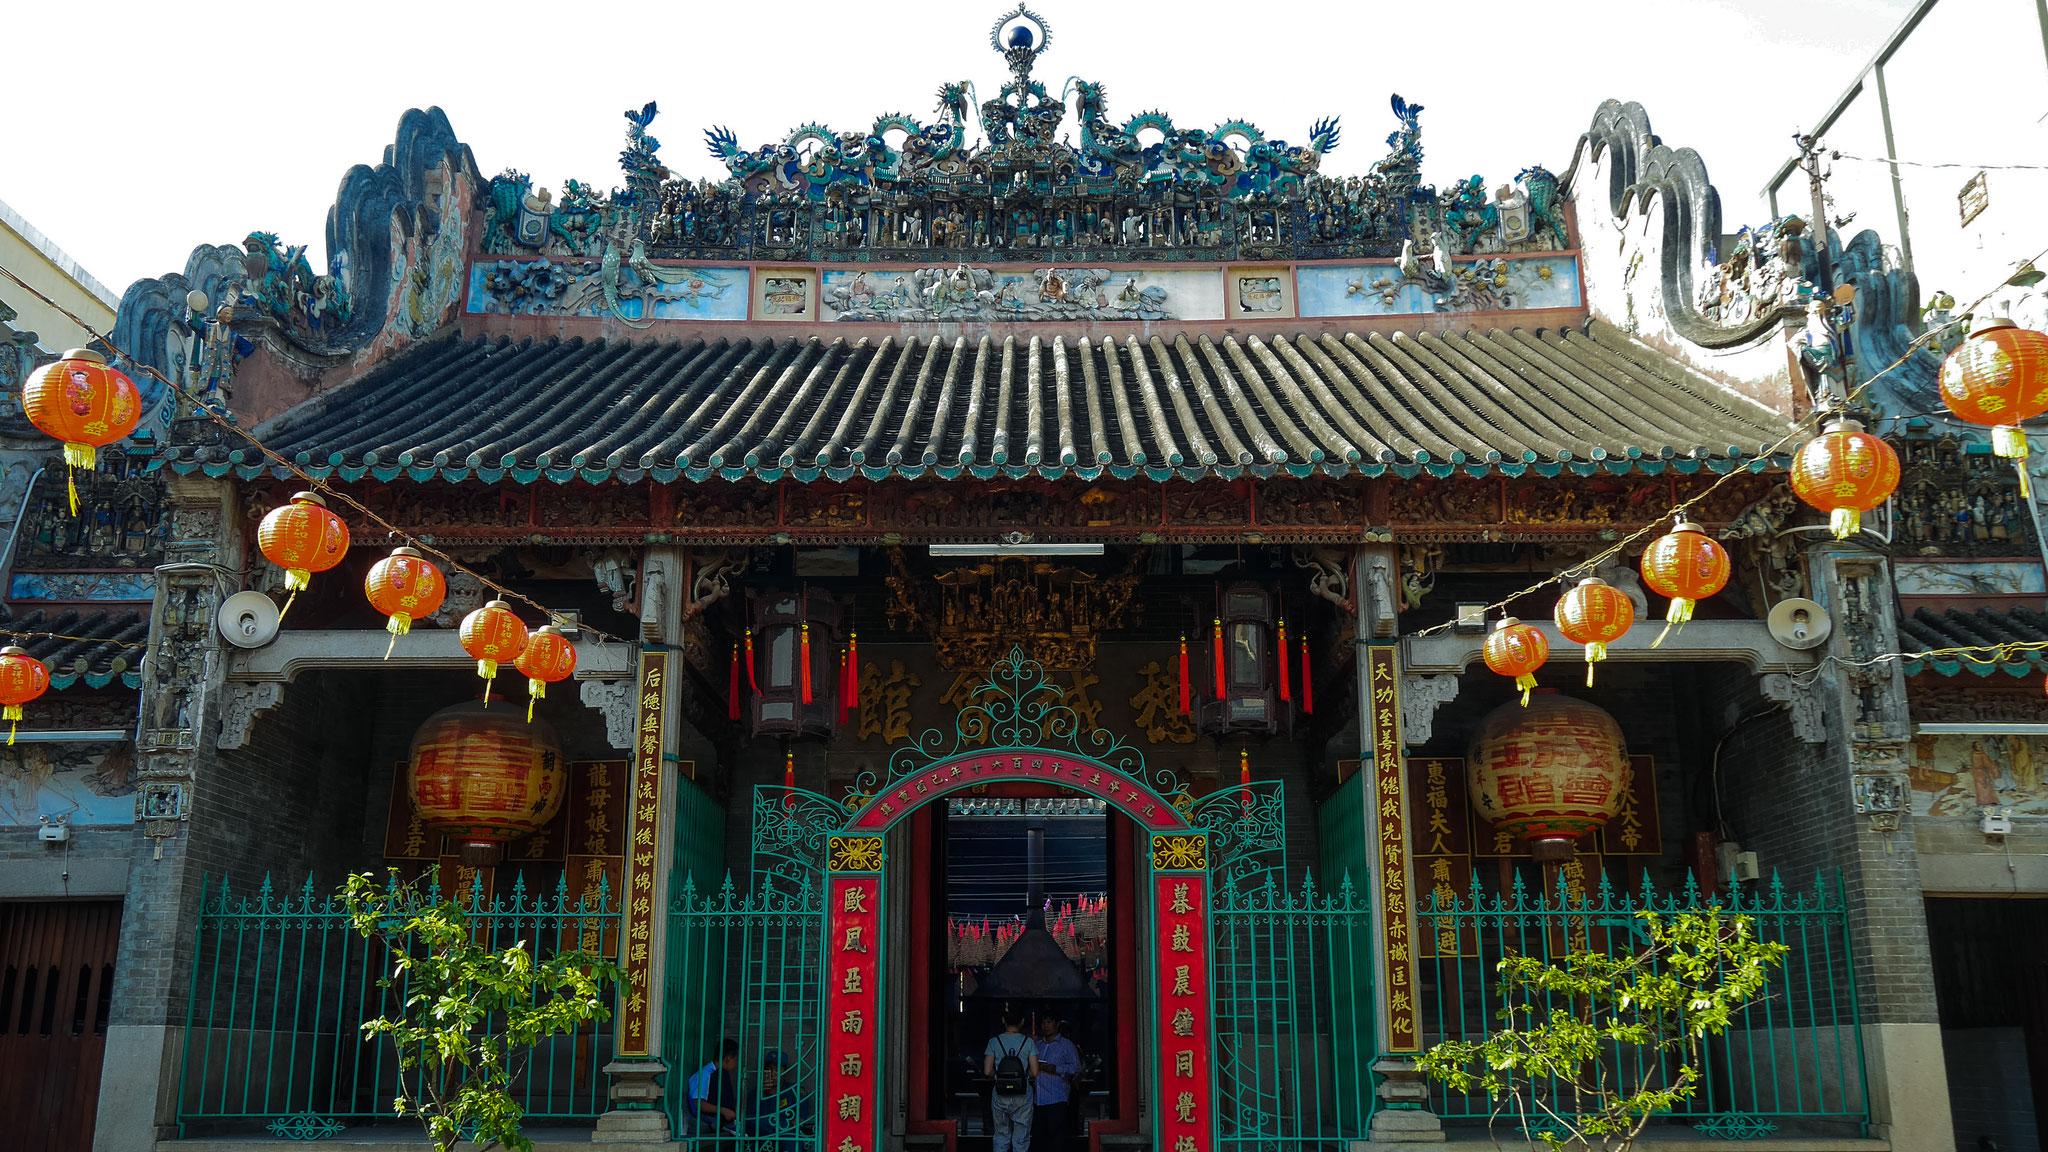 Ho-Chi-Minh-Stadt (Saigon) - unterwegs in Chinatown - Ba Thien Hau Temple